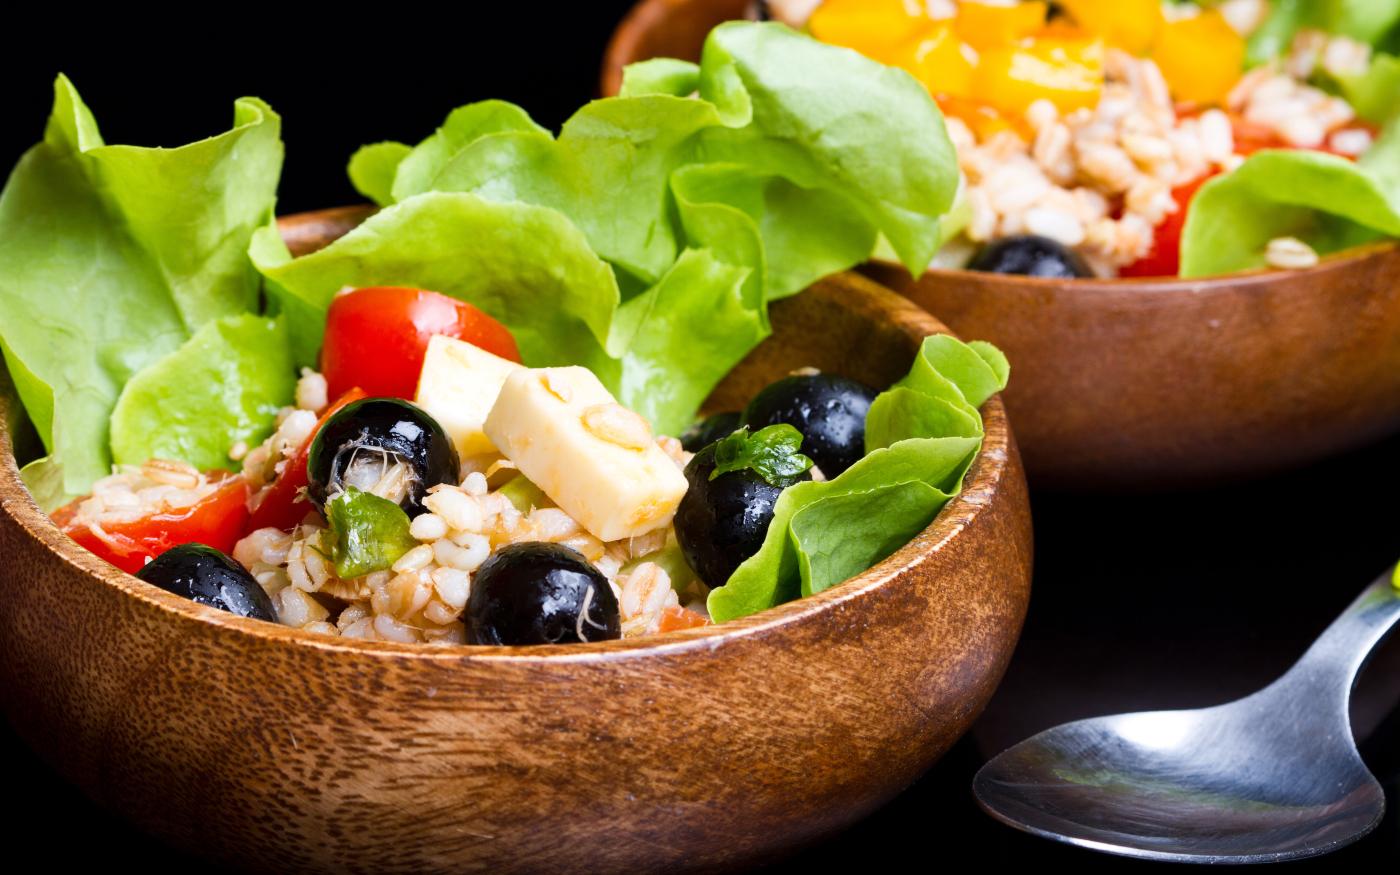 Insalata di farro con olive, pomodorini e Pecorino Toscano DOP